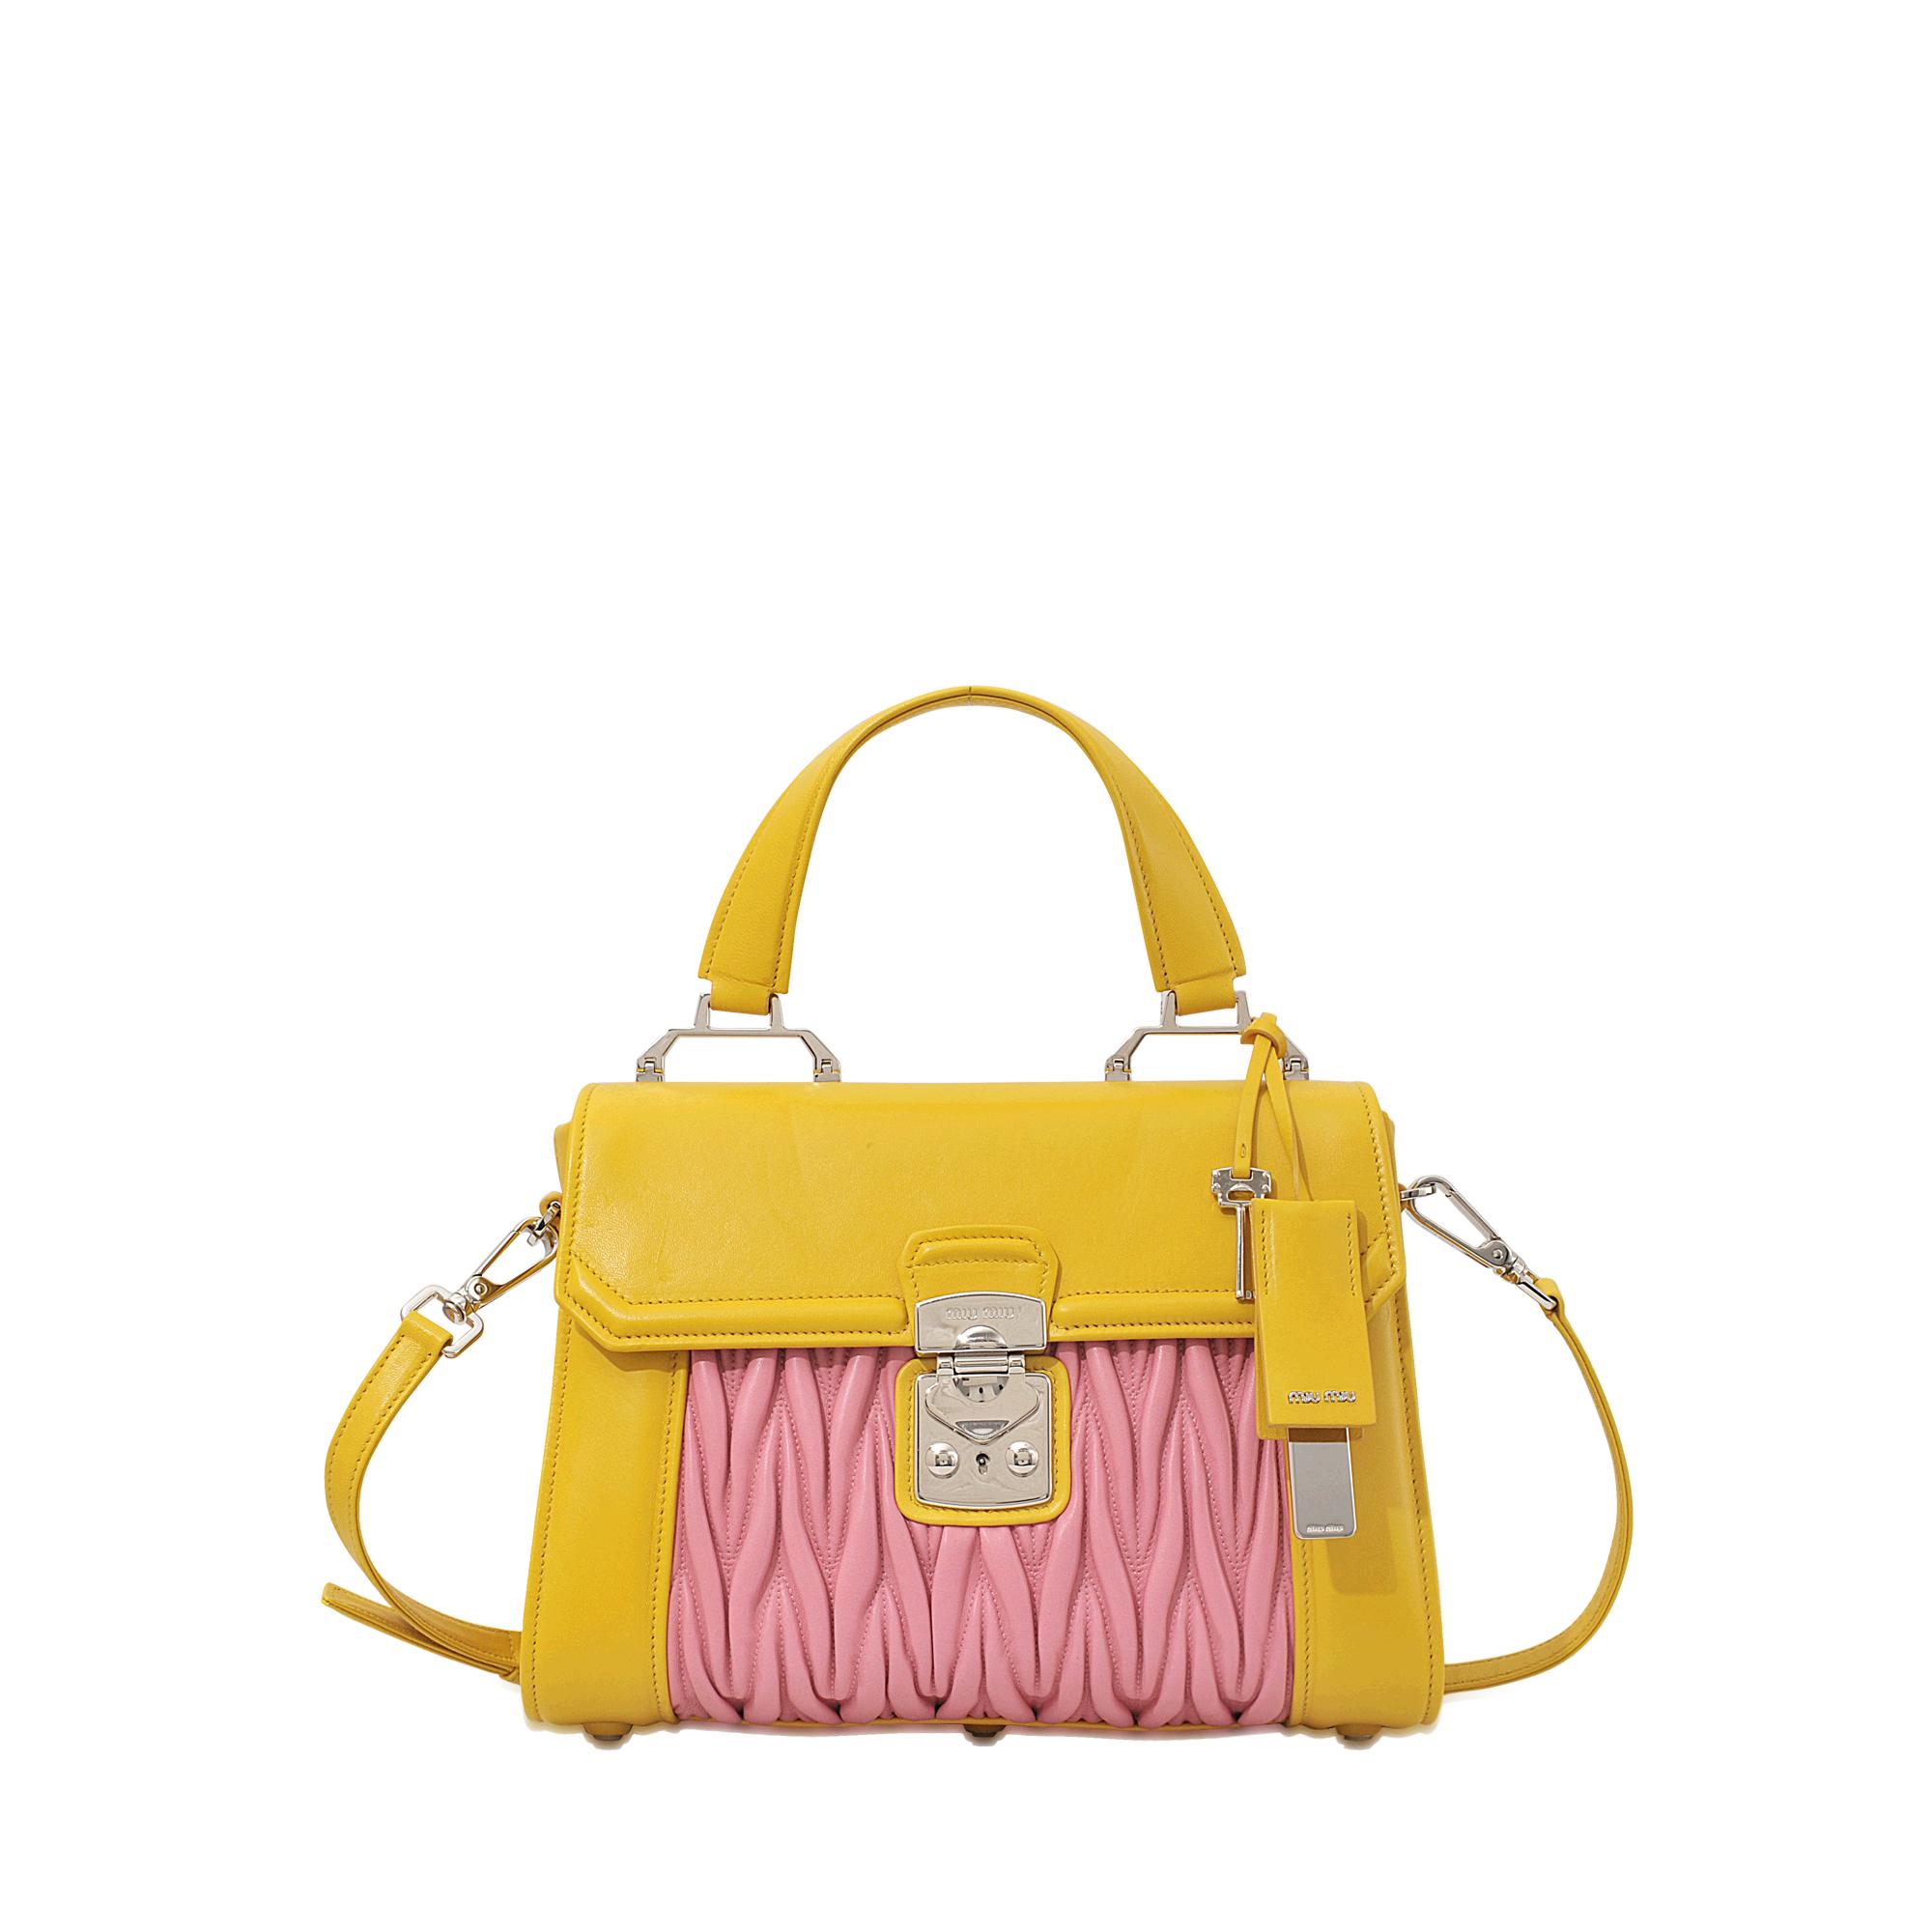 miu miu online store - Miu miu Amiulet Matelass¨¦ Top Handle Bag in Pink 97f67d1430ed4